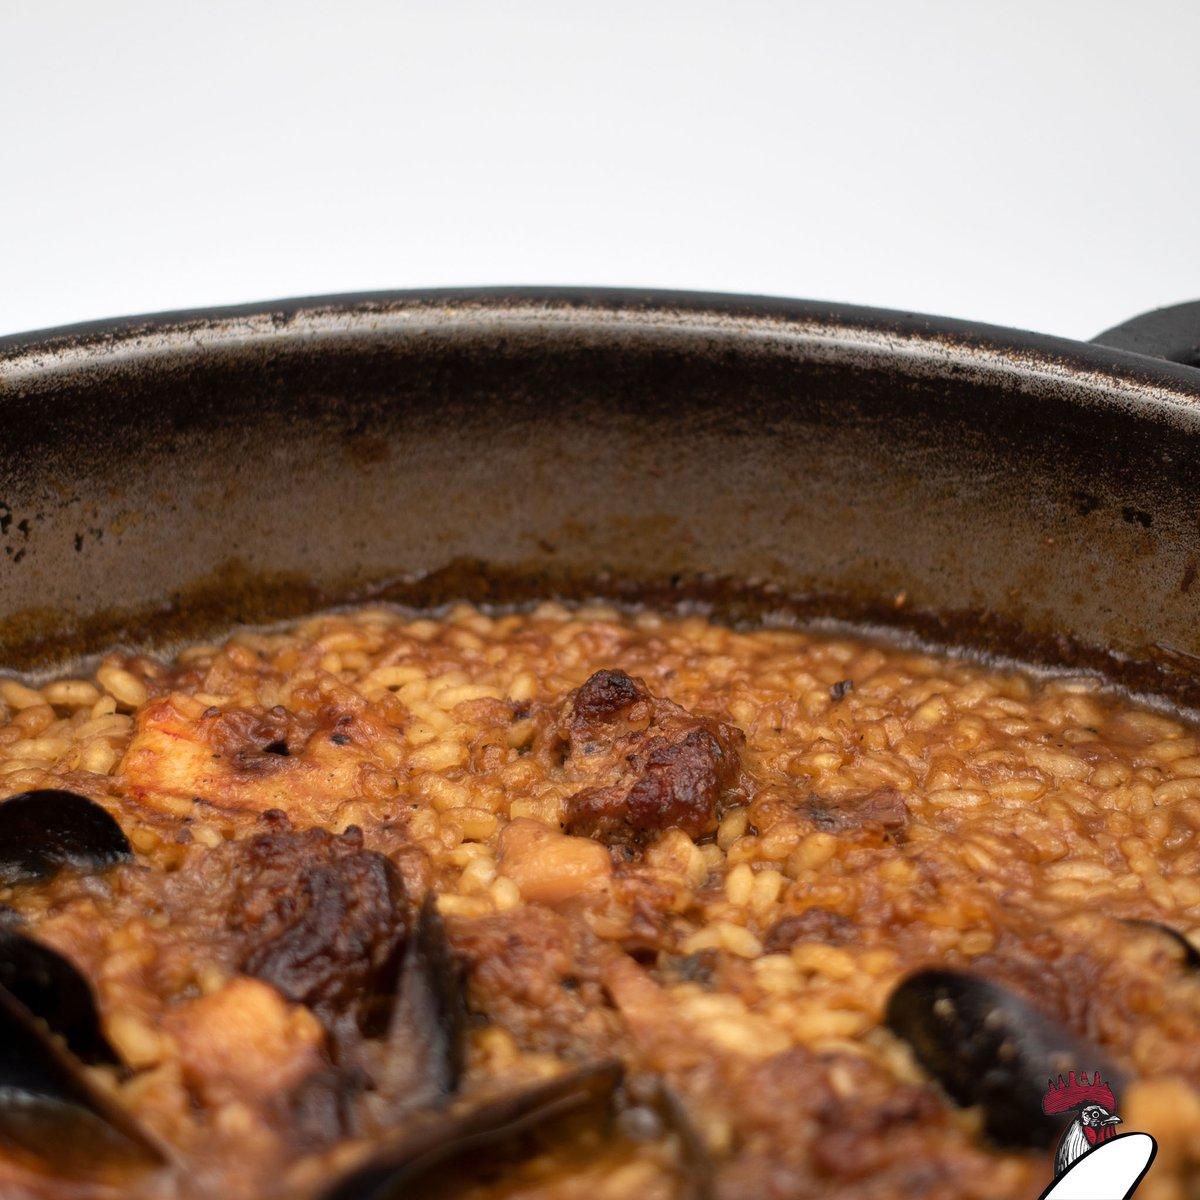 Dimecres, dijous i divendres oferim el menú de l'arròs amb entrants, arròs de temporada i postres a un preu de 18 € (iva inclòs) #calgallrestaurant #emporda #gastrolovers #foodiesgirona #girona